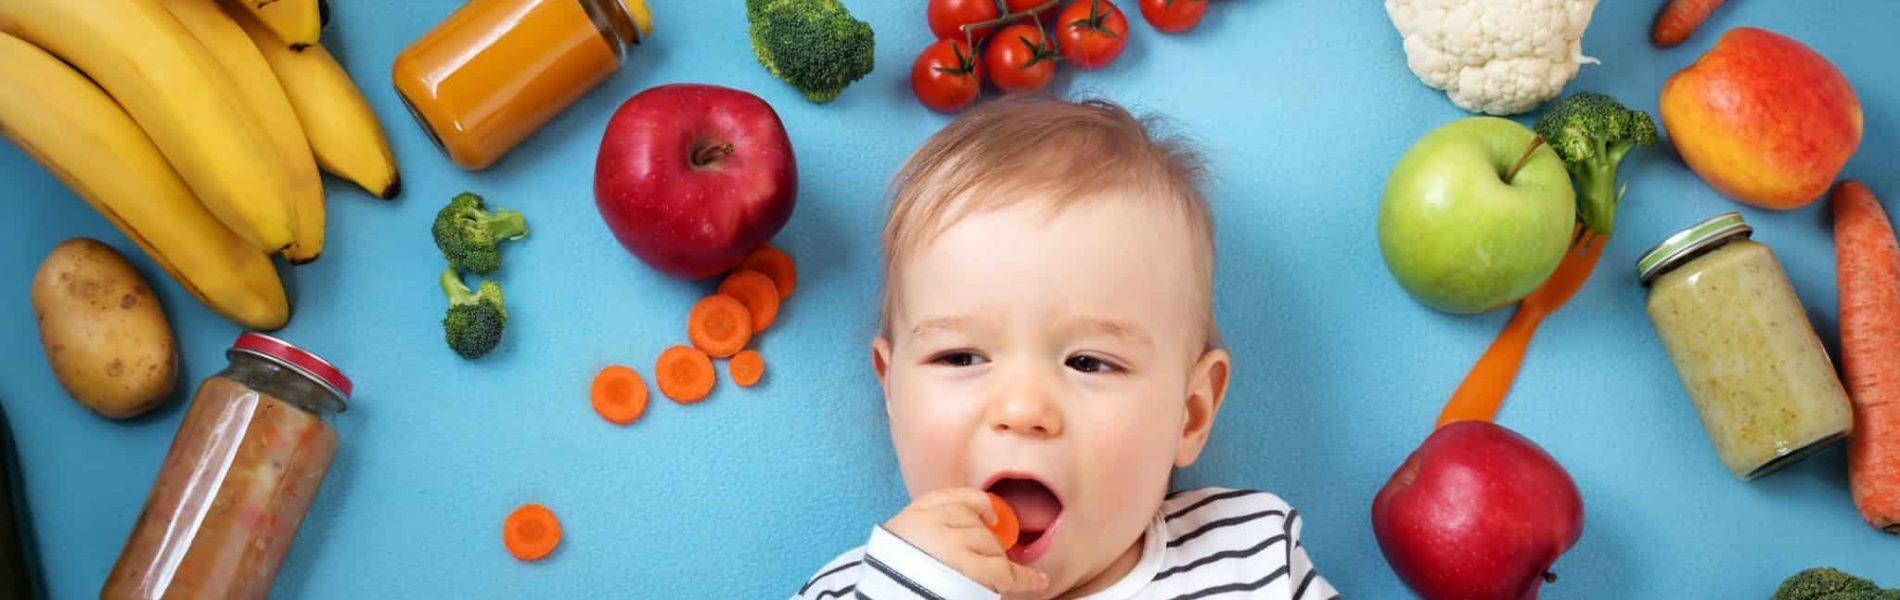 גורמה לתינוקות? 6 רעיונות לגיוון ושדרוג התפריט